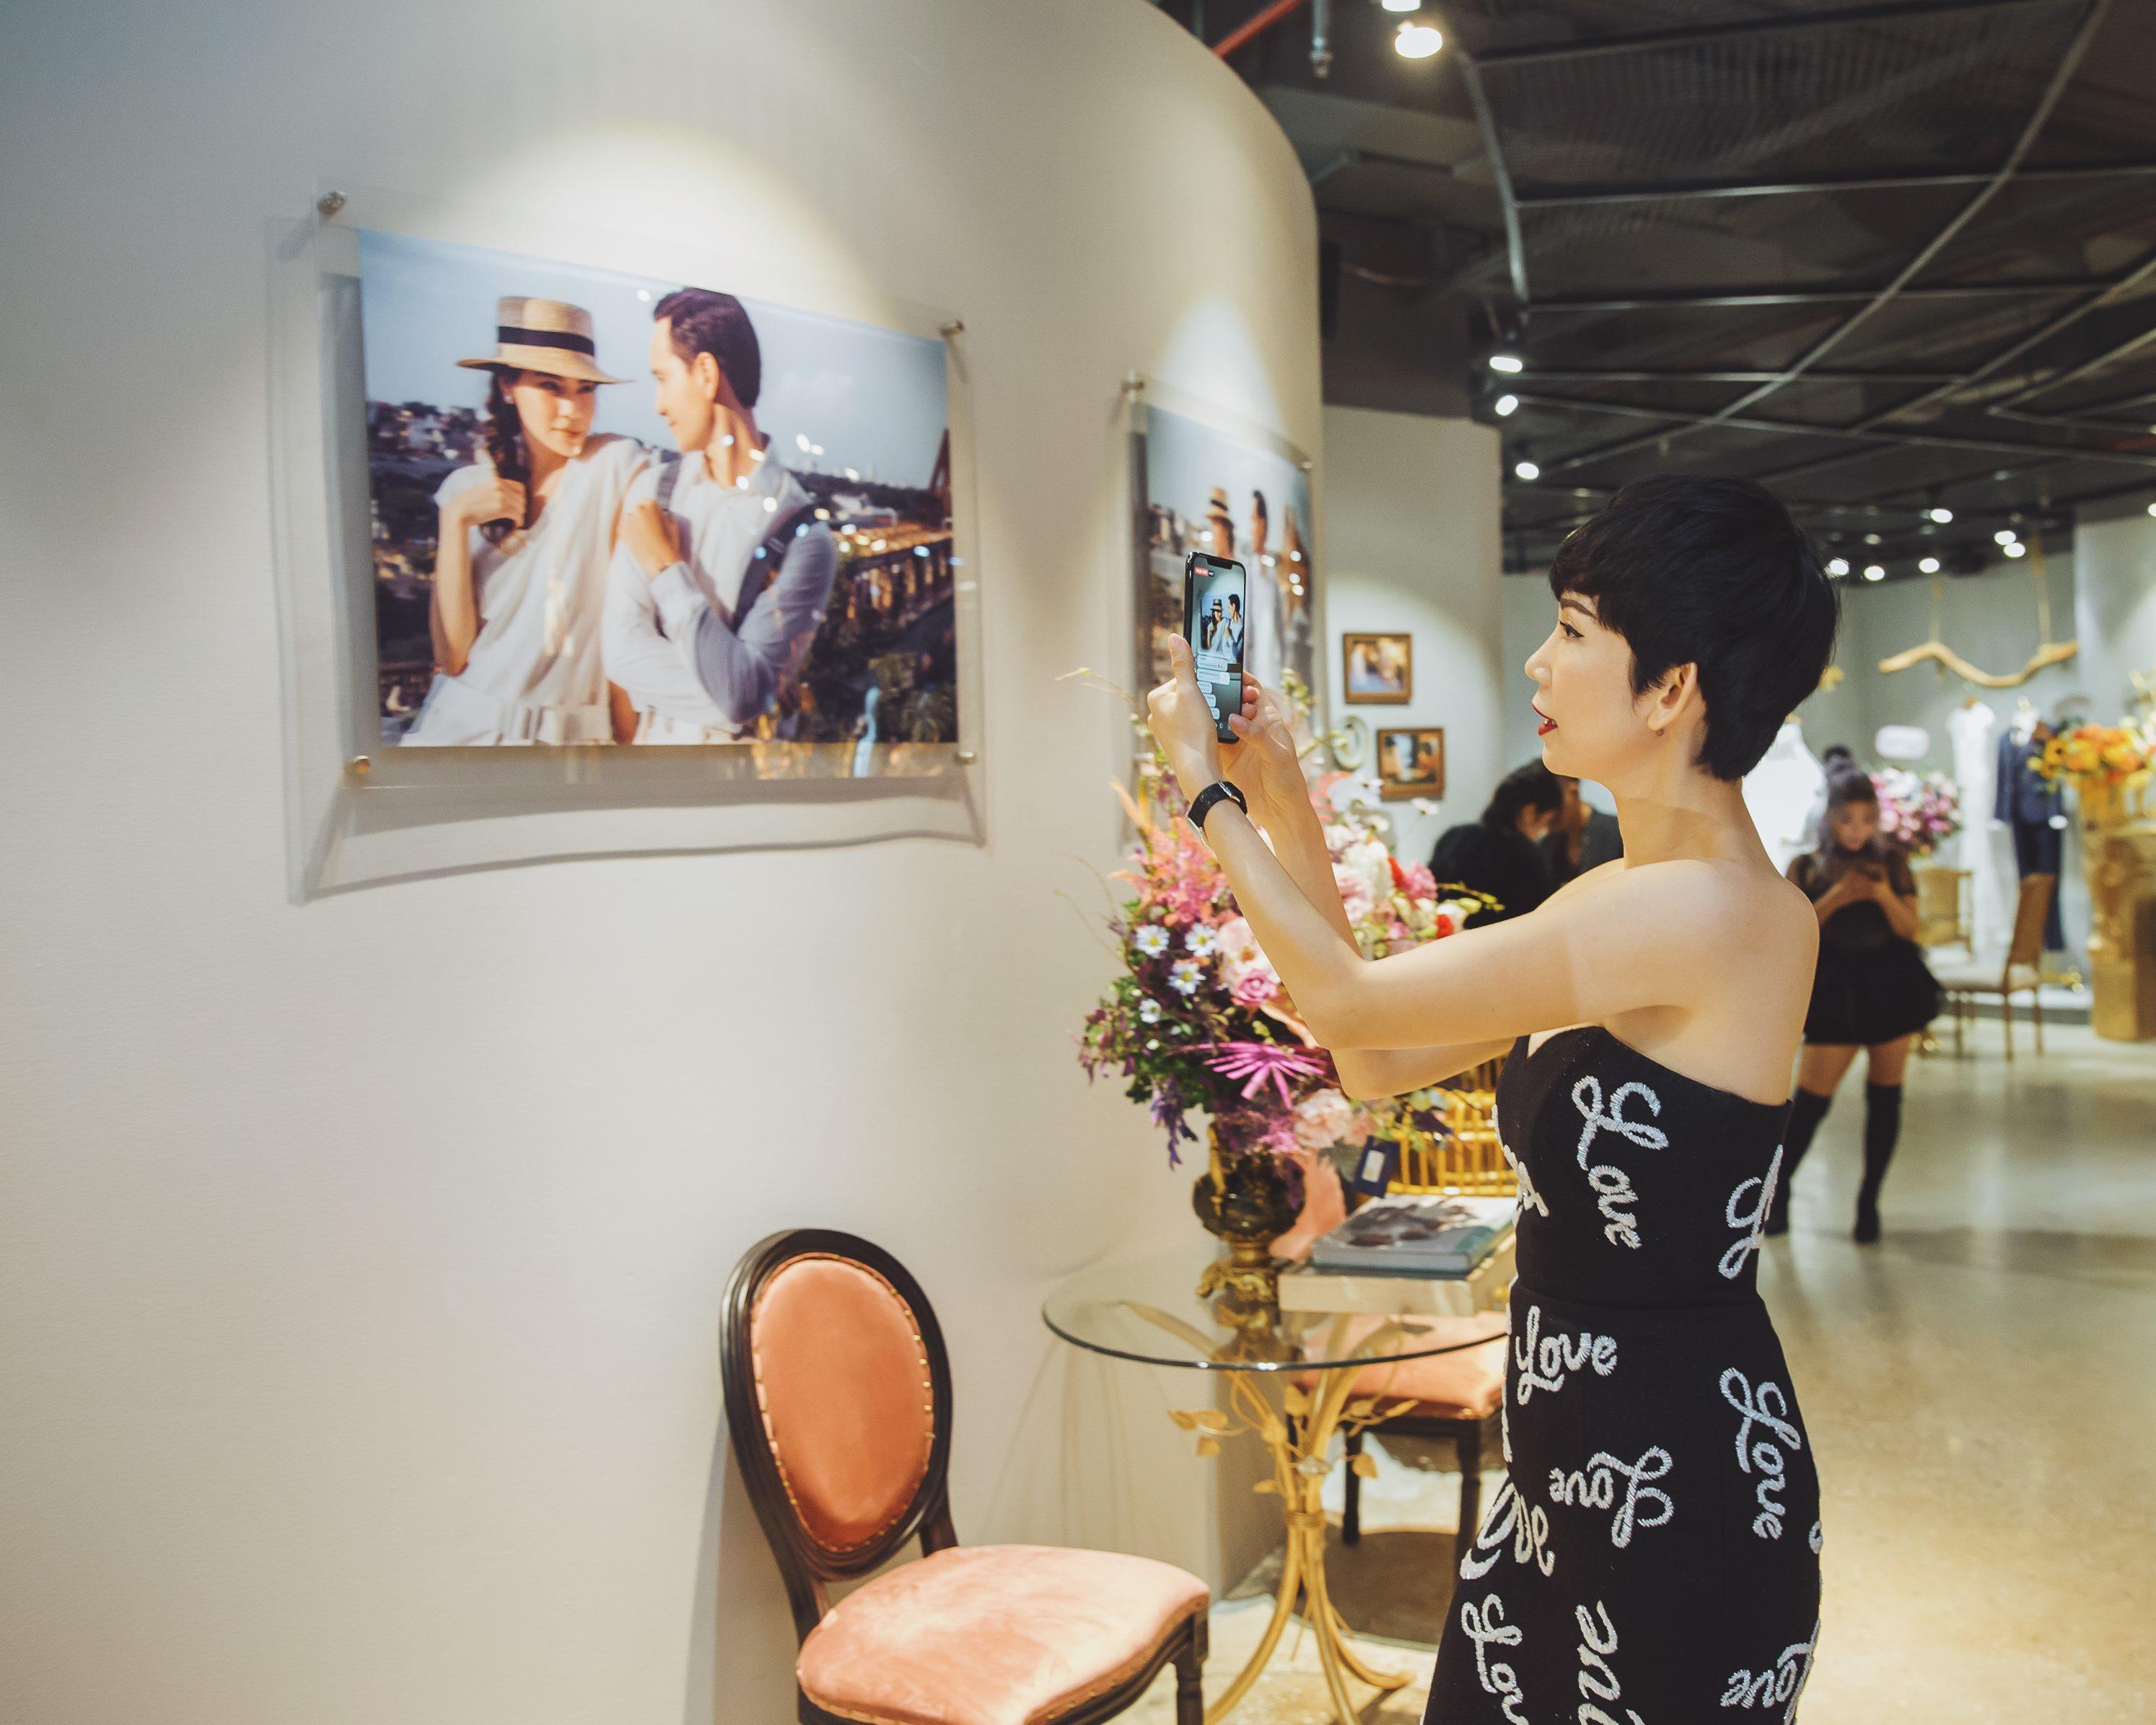 Hồ Ngọc Hà sóng đôi cùng Kim Lý ngồi xem Lệ Quyên diễn thời trang